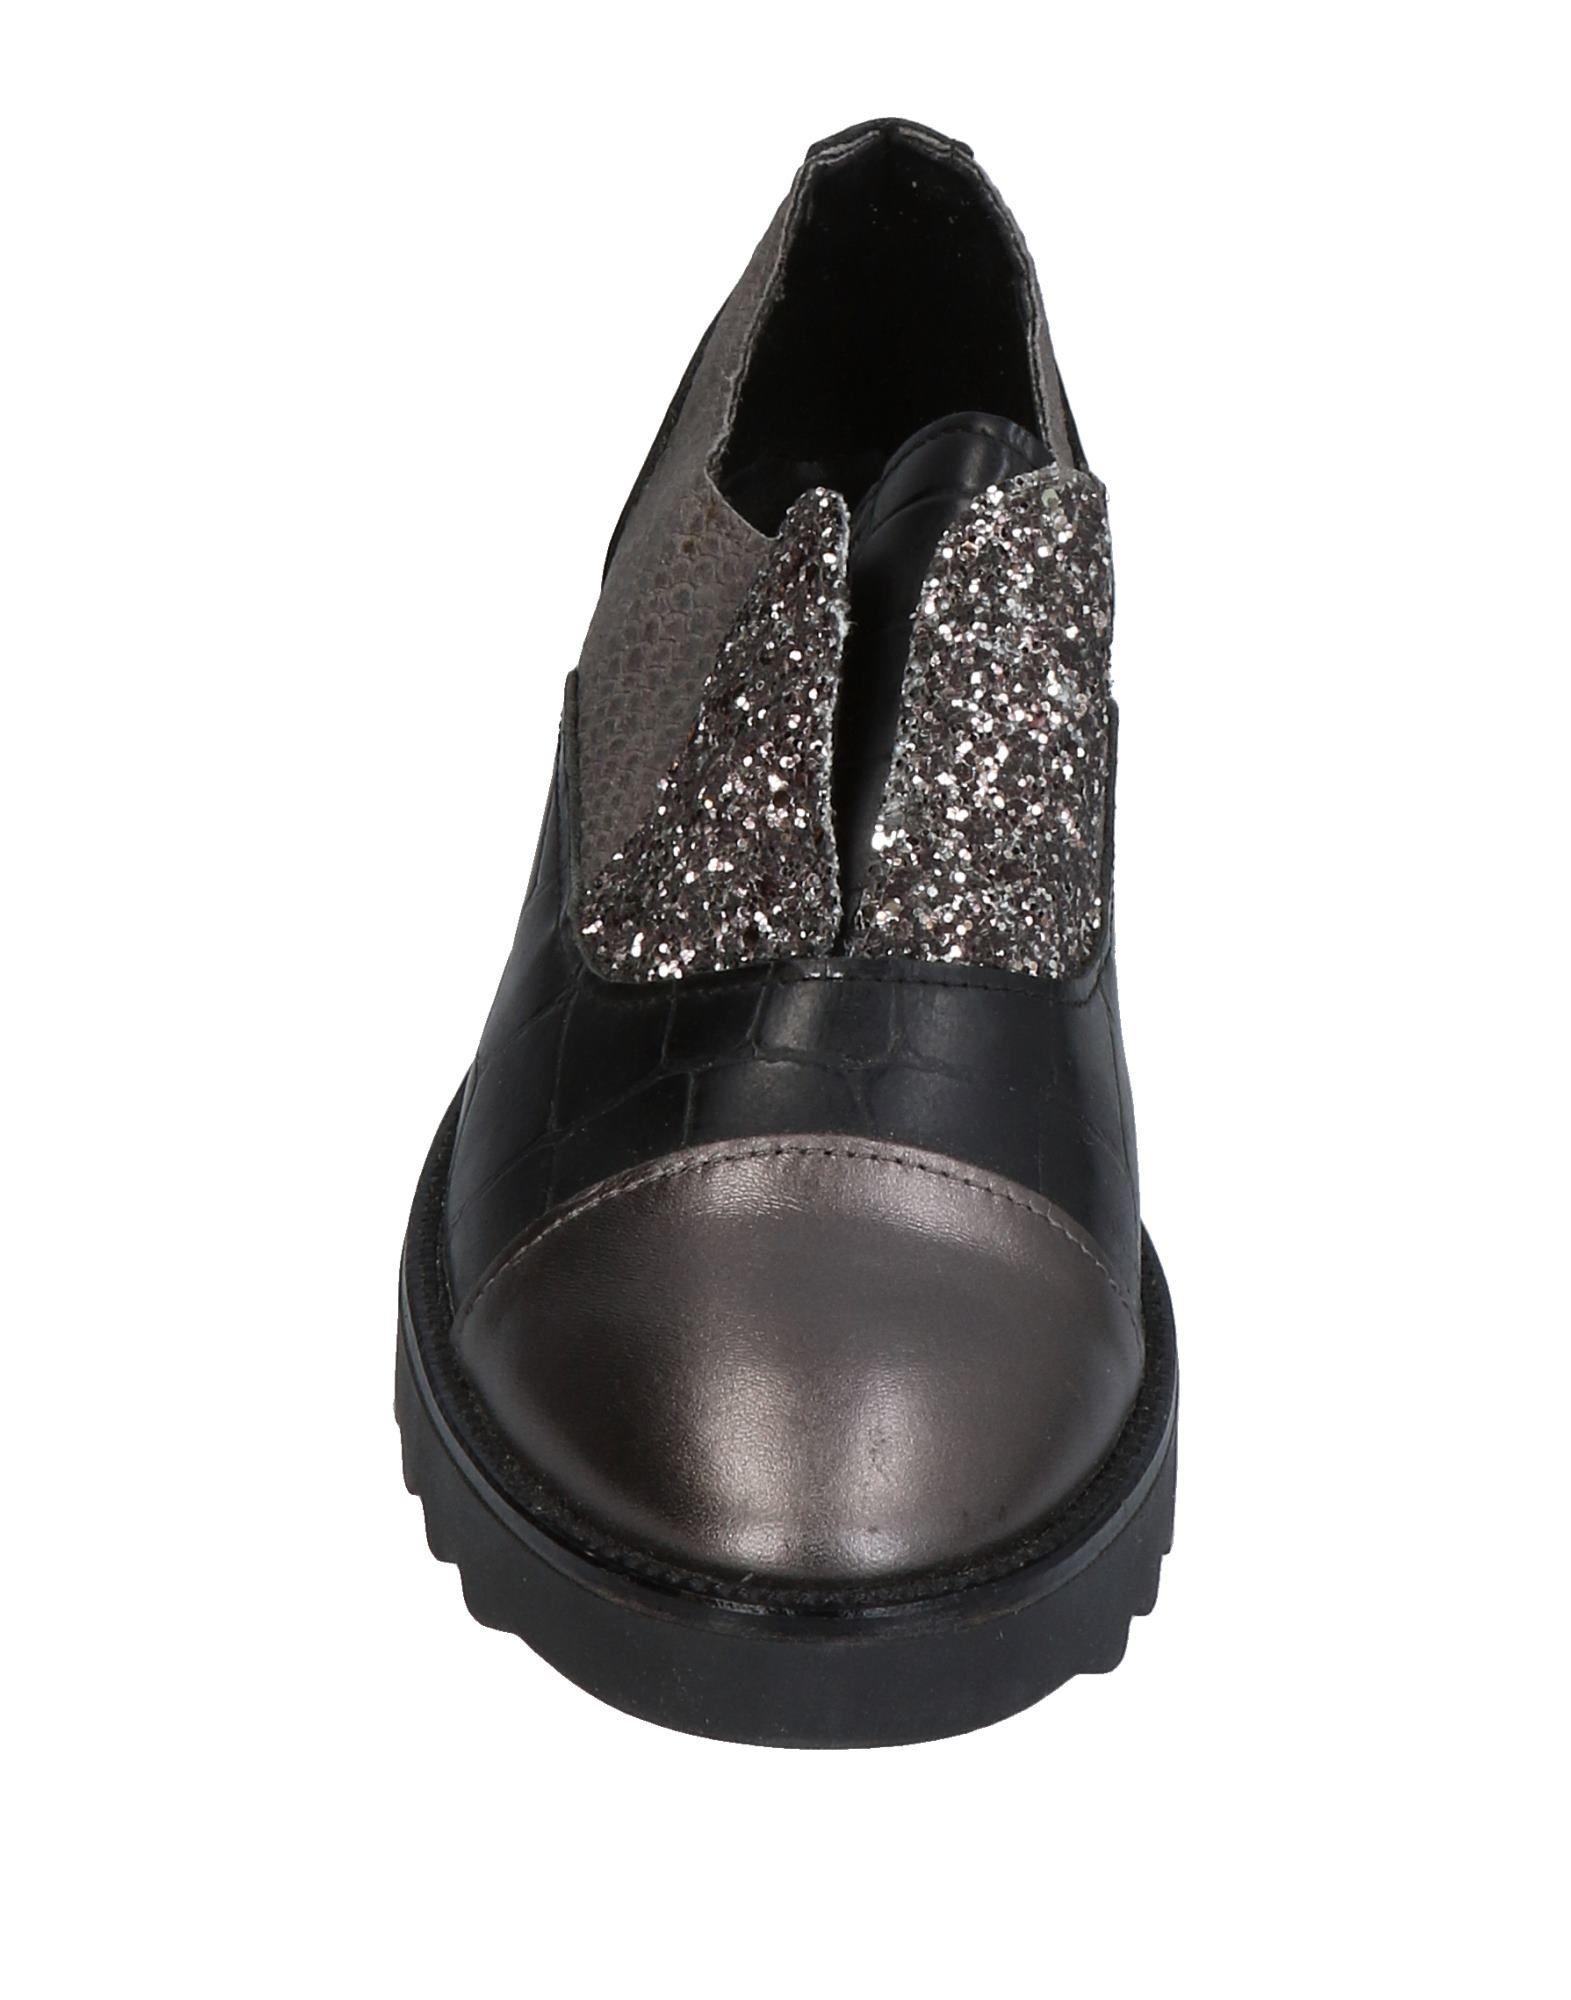 Ebarrito Gute Mokassins Damen  11457250BR Gute Ebarrito Qualität beliebte Schuhe 025d8f